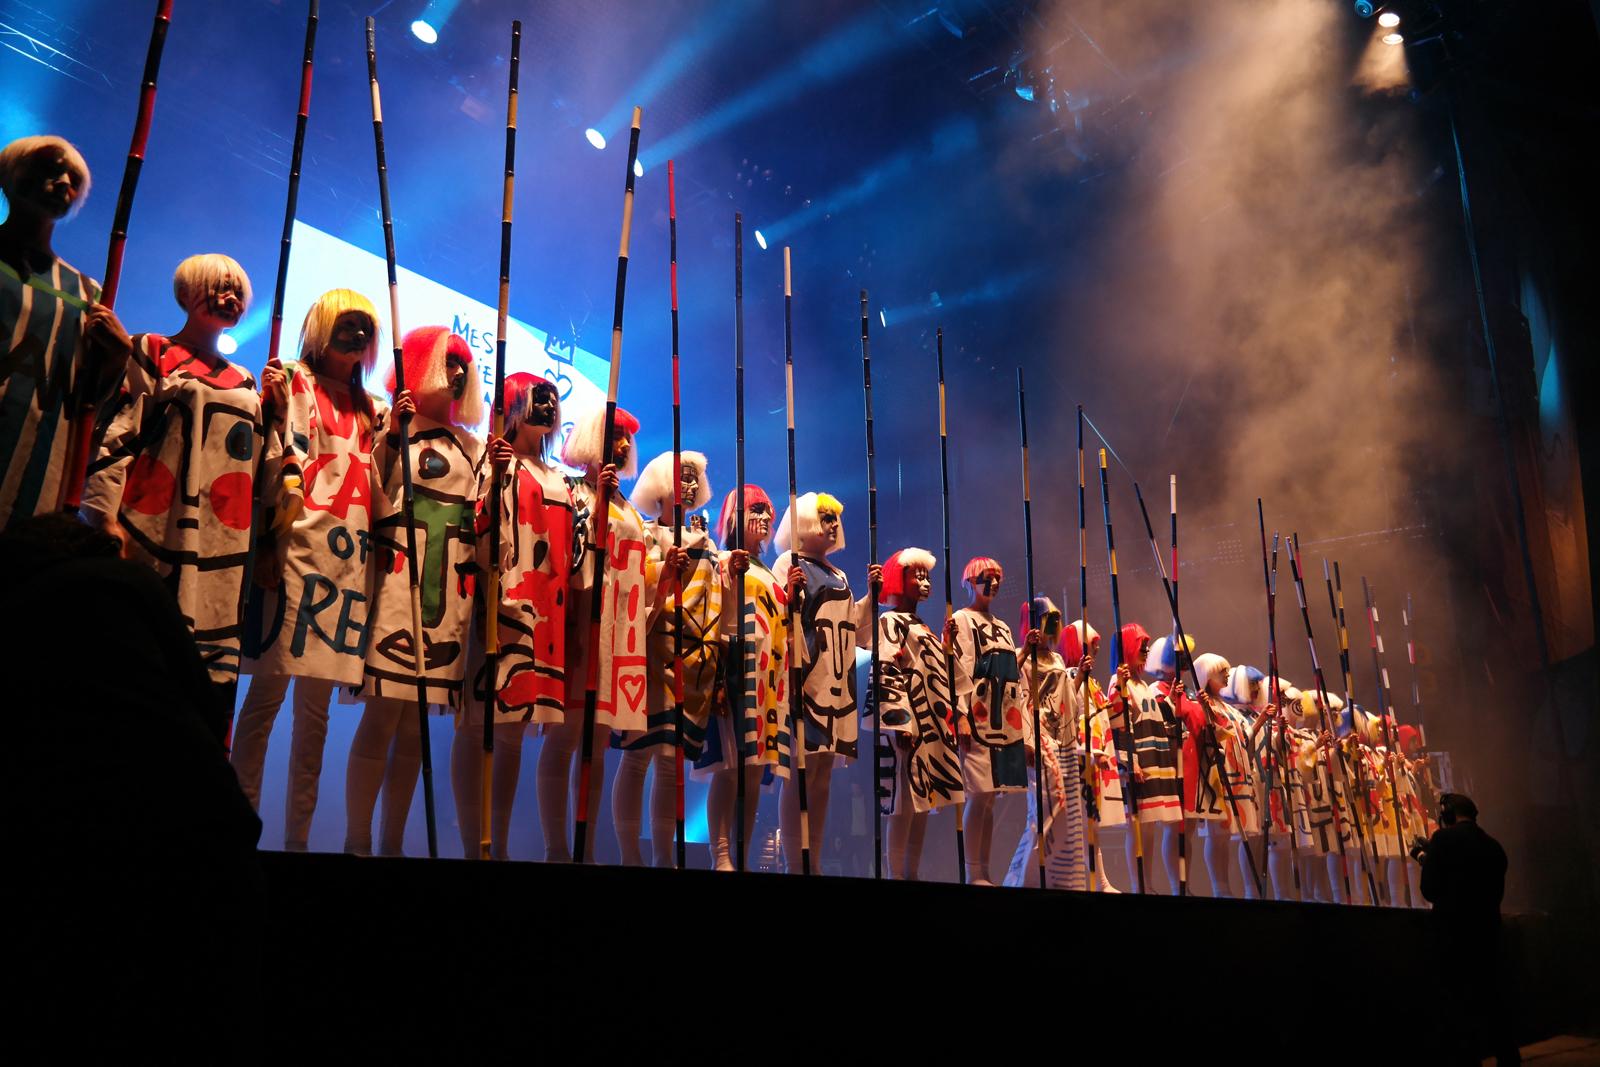 Jean-Charles-de-Castelbajac-JCDC-spectacle-Fantomes-avec-Mr-No-création-musique-et-mode-Art-Rock-2015-festival-Saint-Brieuc-photo-scène-united-states-of-paris-blog